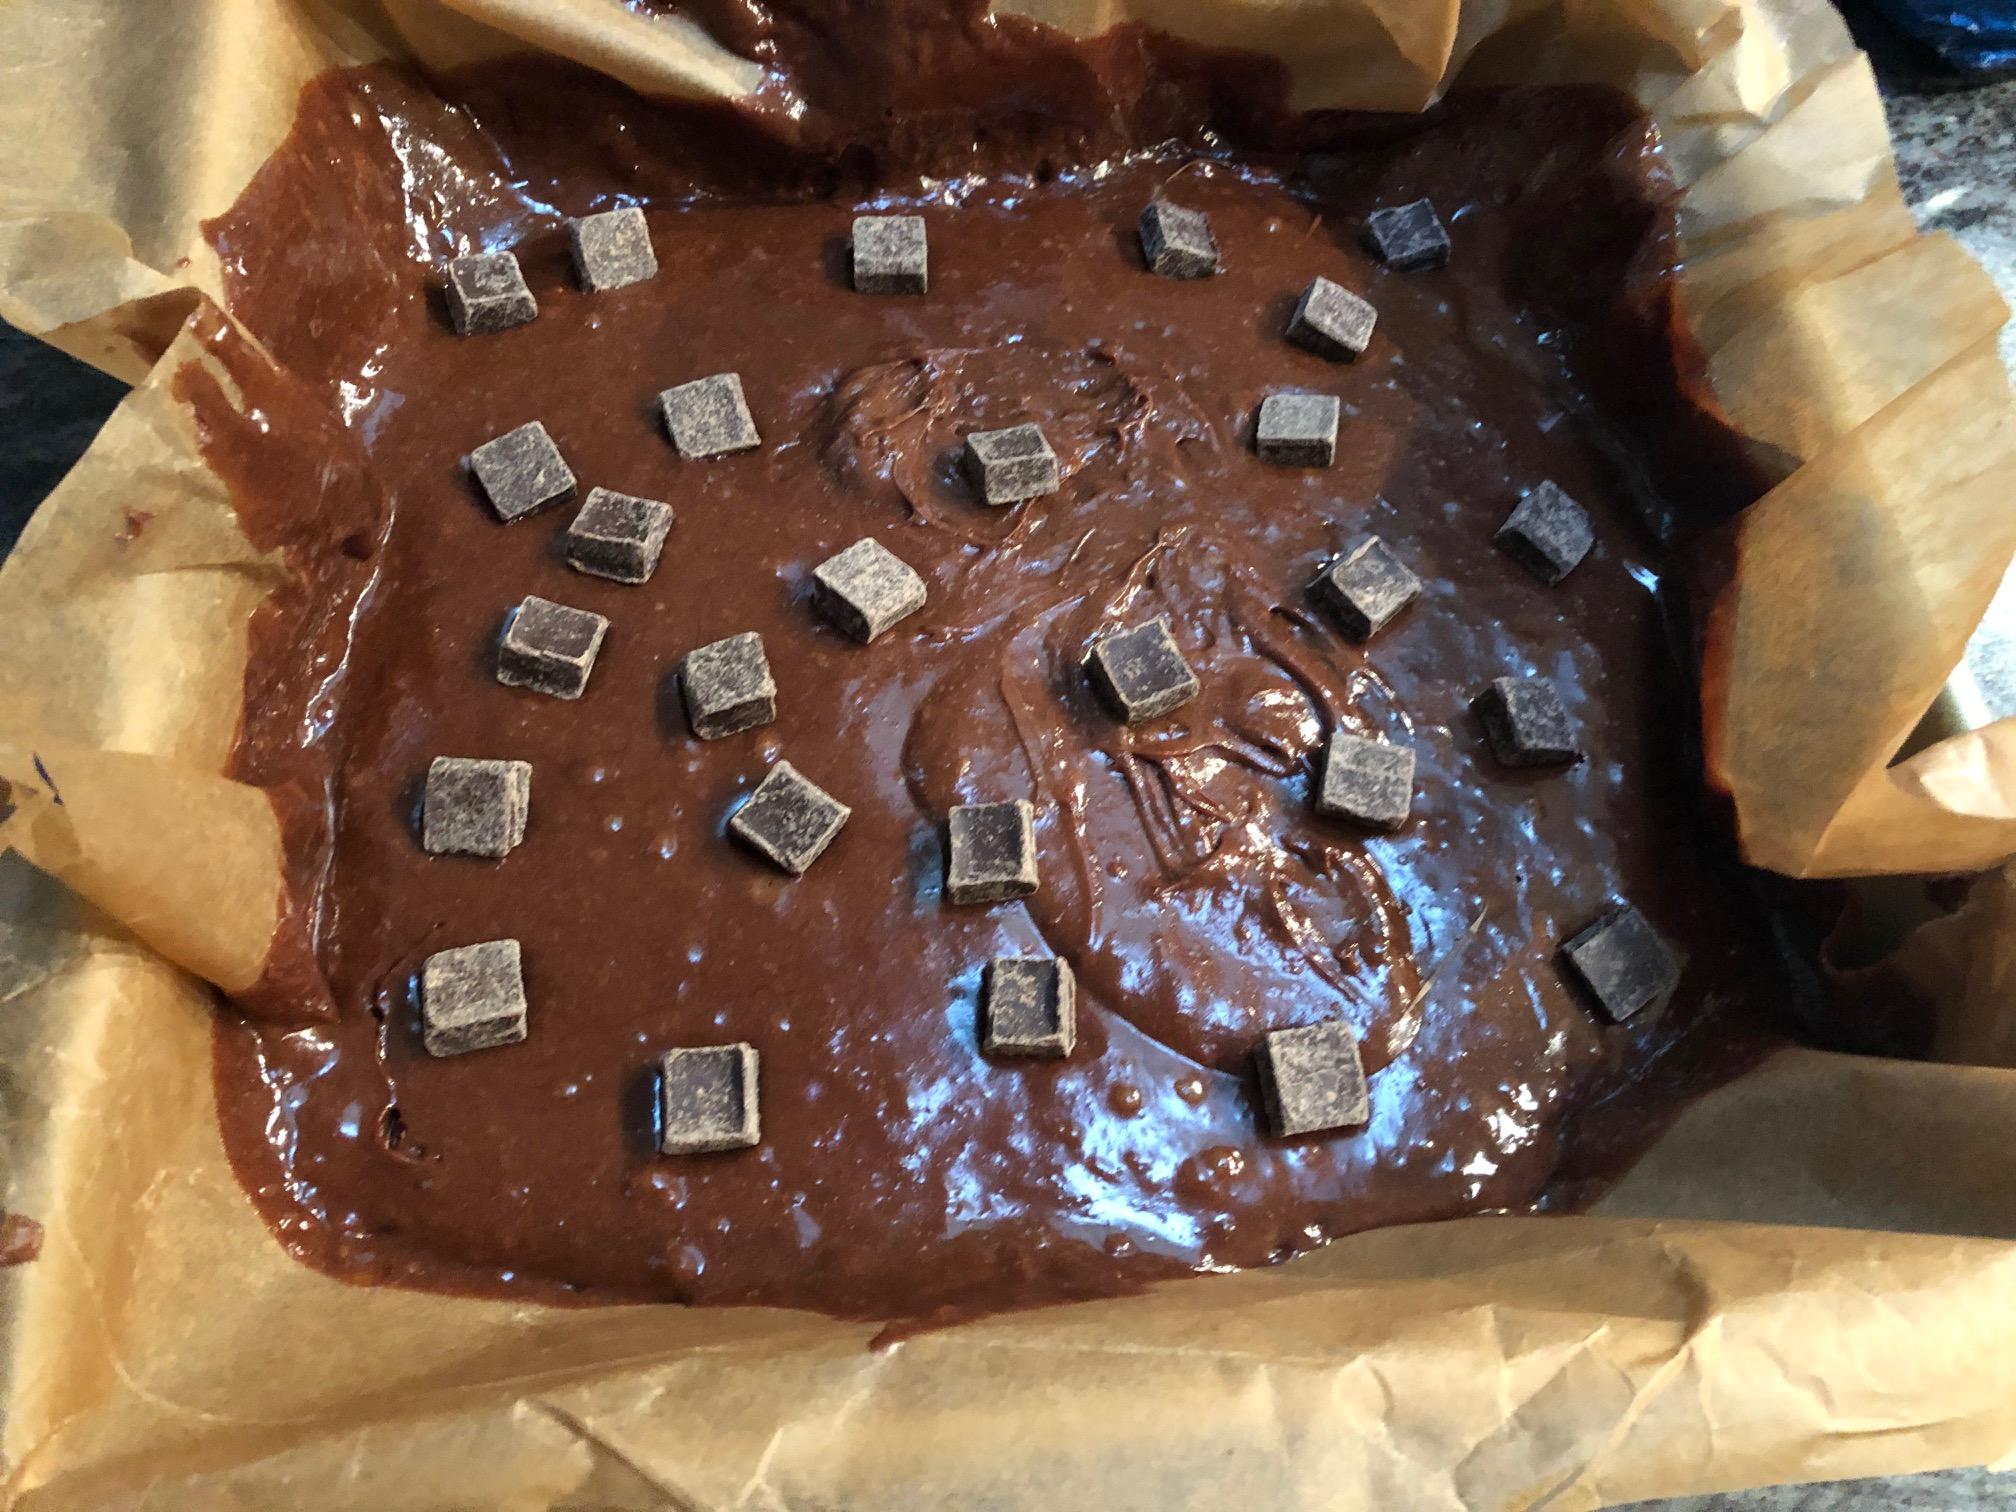 brownie in a pan